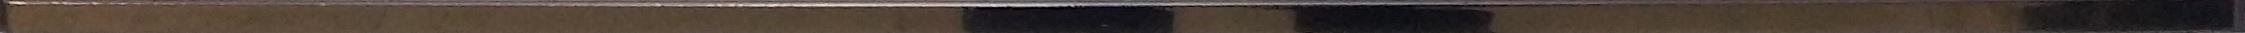 Бордюр стеклянный Атриум бежевый